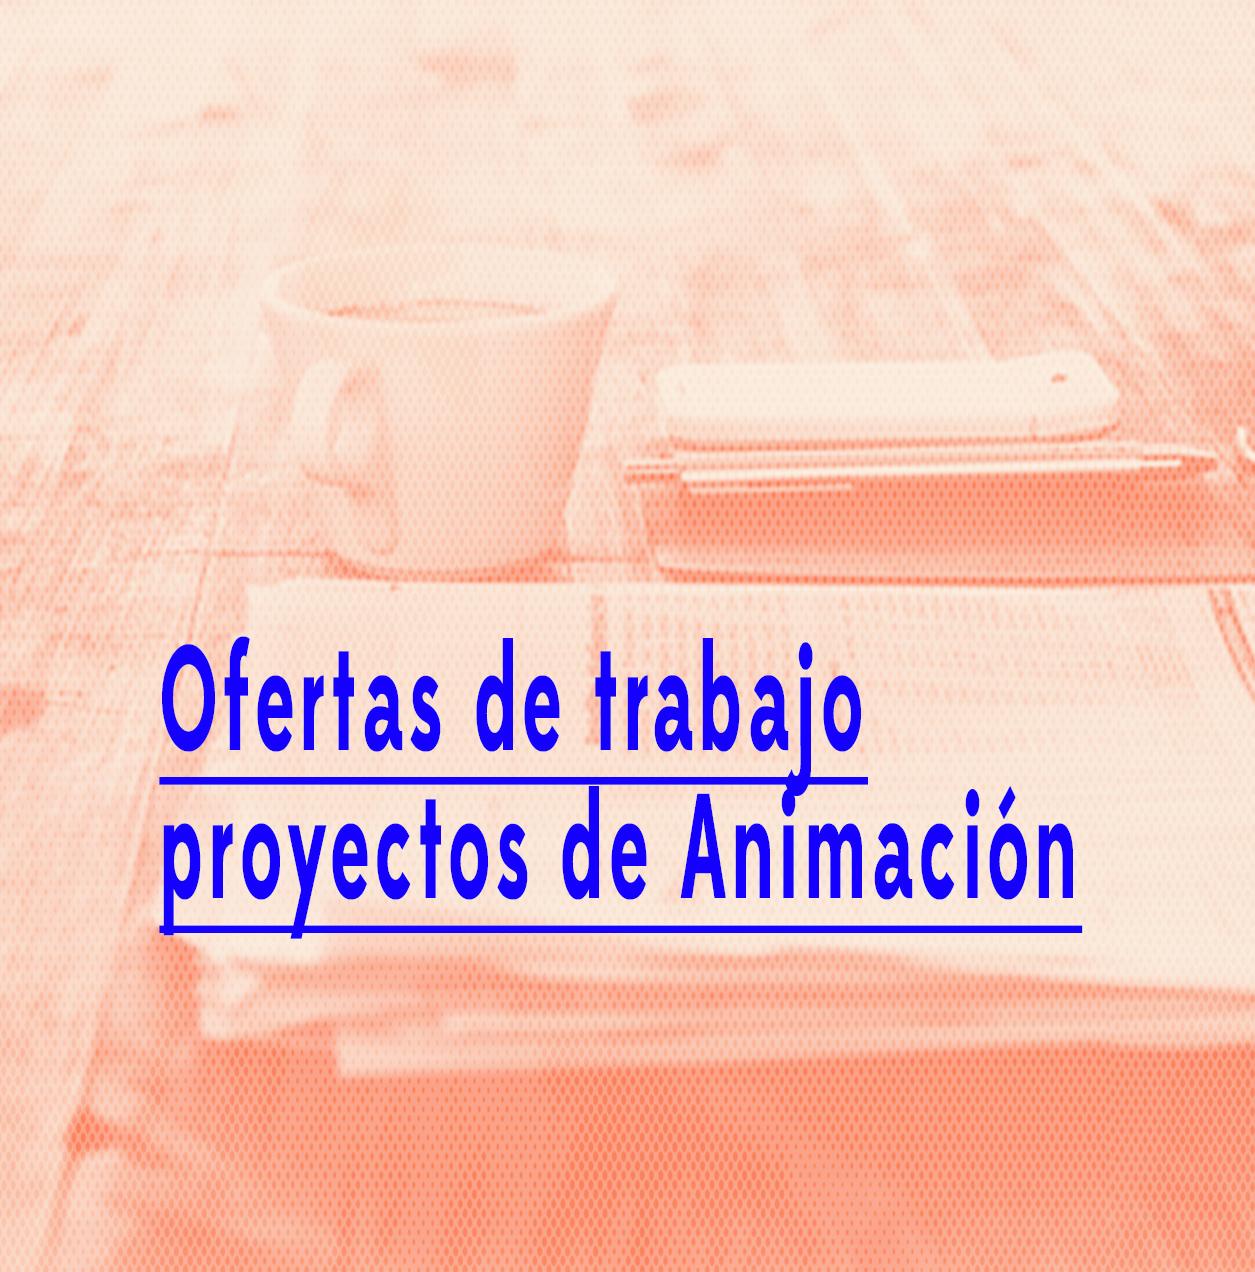 Ofertas de trabajo para proyectos de animación y videojuegos